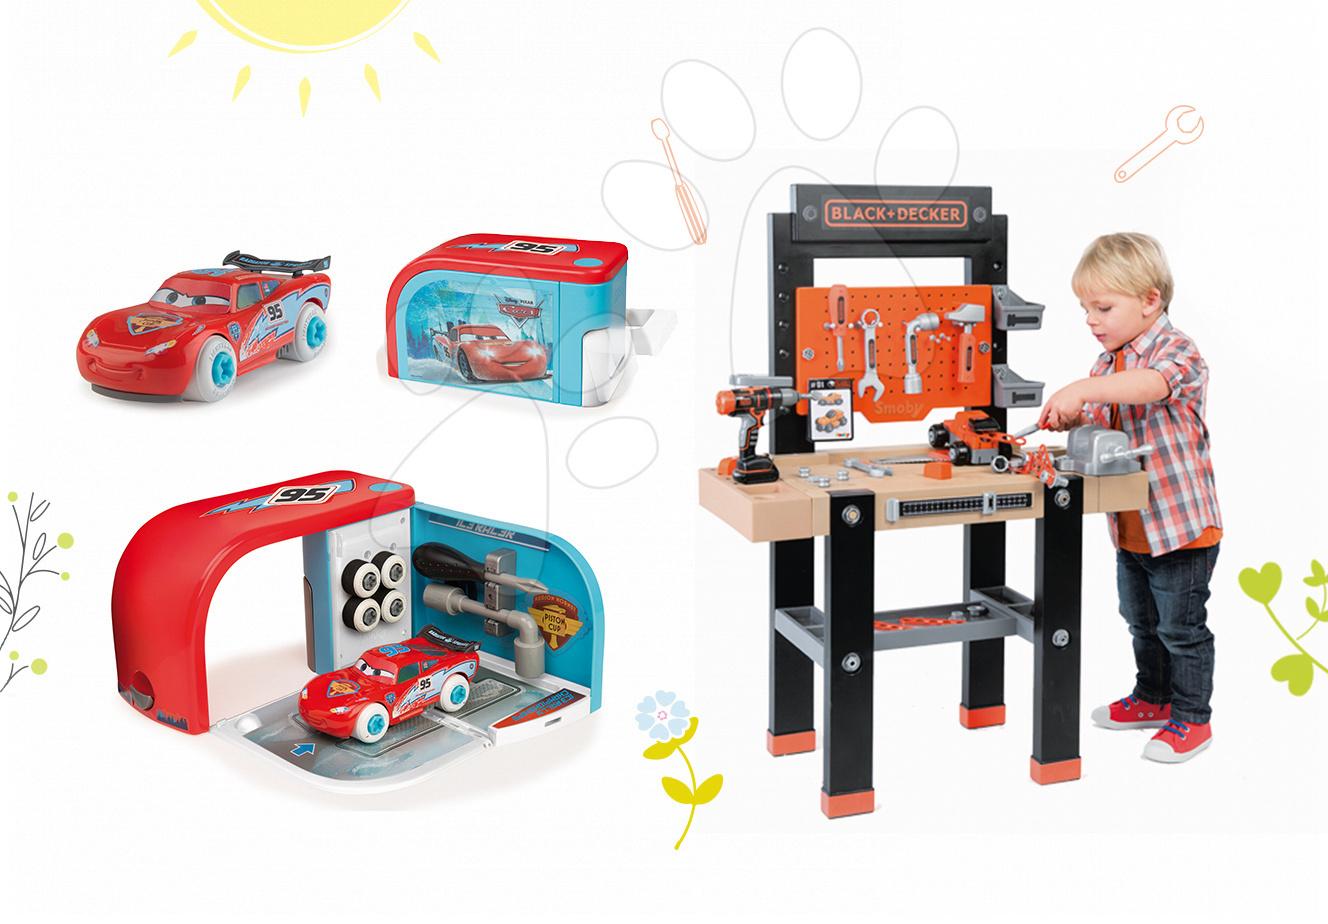 Set dětská pracovní dílna Black+Decker Smoby s vrtačkou a autoservis Auta Ice s autíčkem McQueen v kufříku